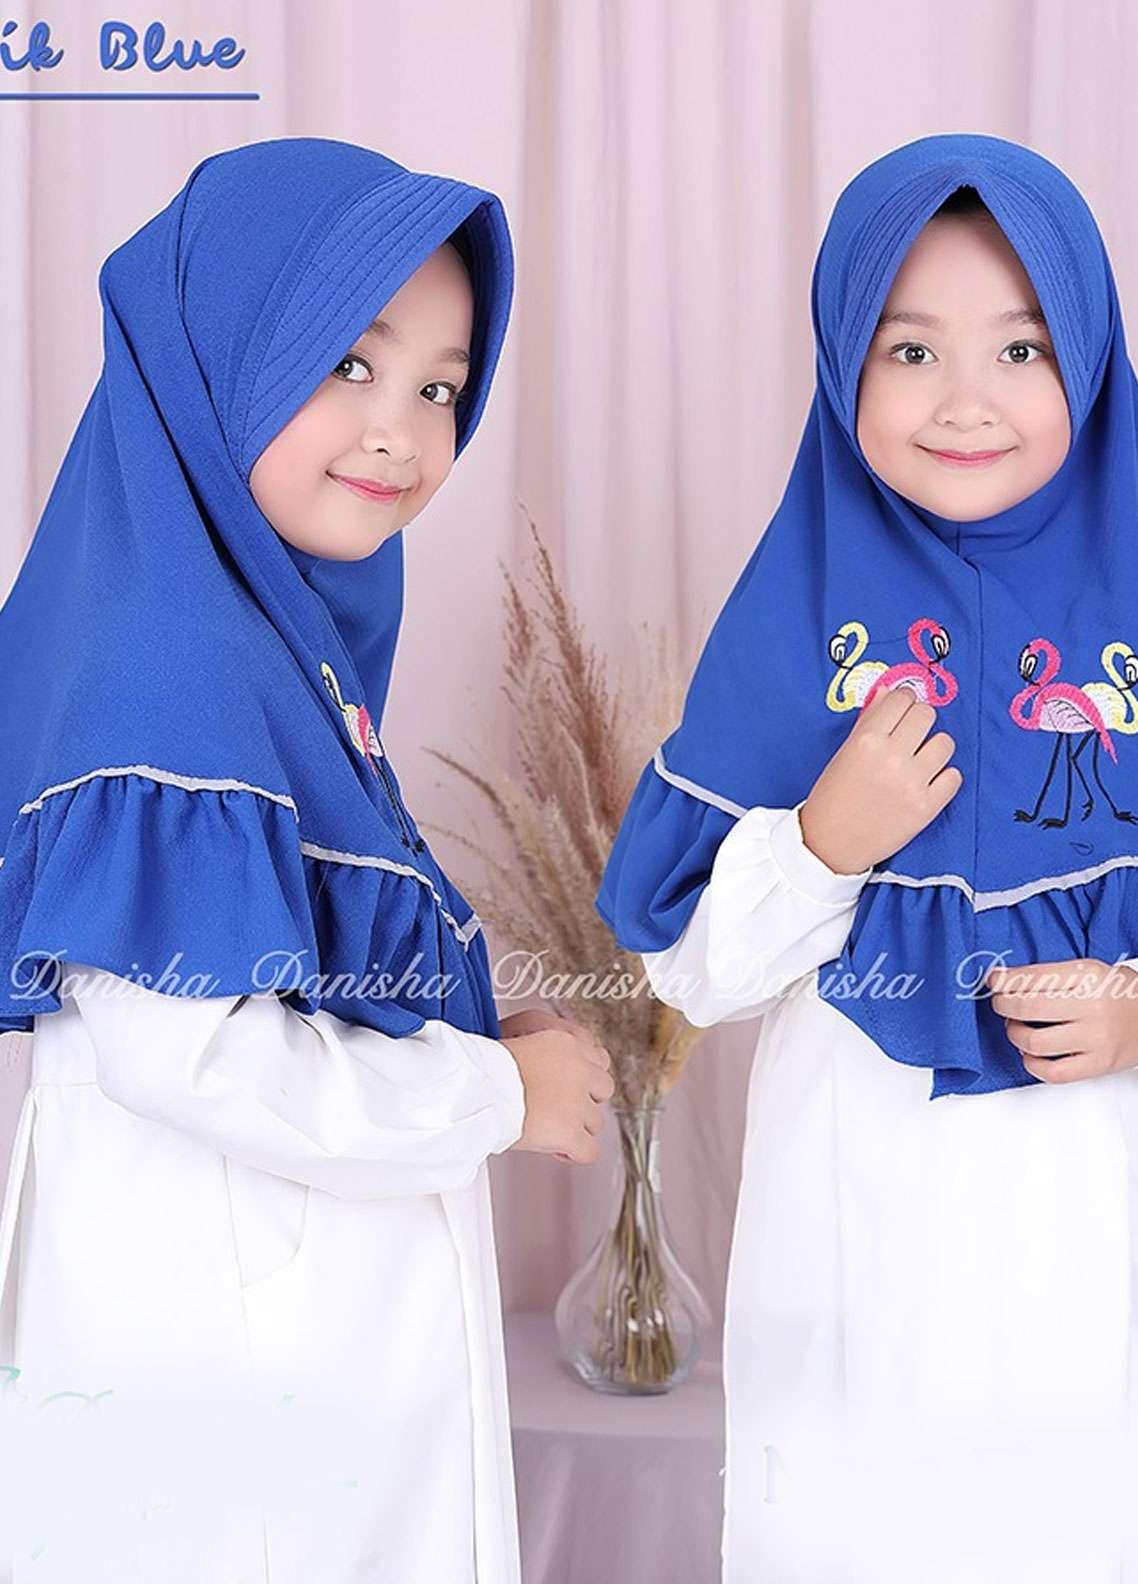 Danisha | Style of Hijab  Bubble Pop  Girls Scarves HH Danisha Flamingo 09 Blue